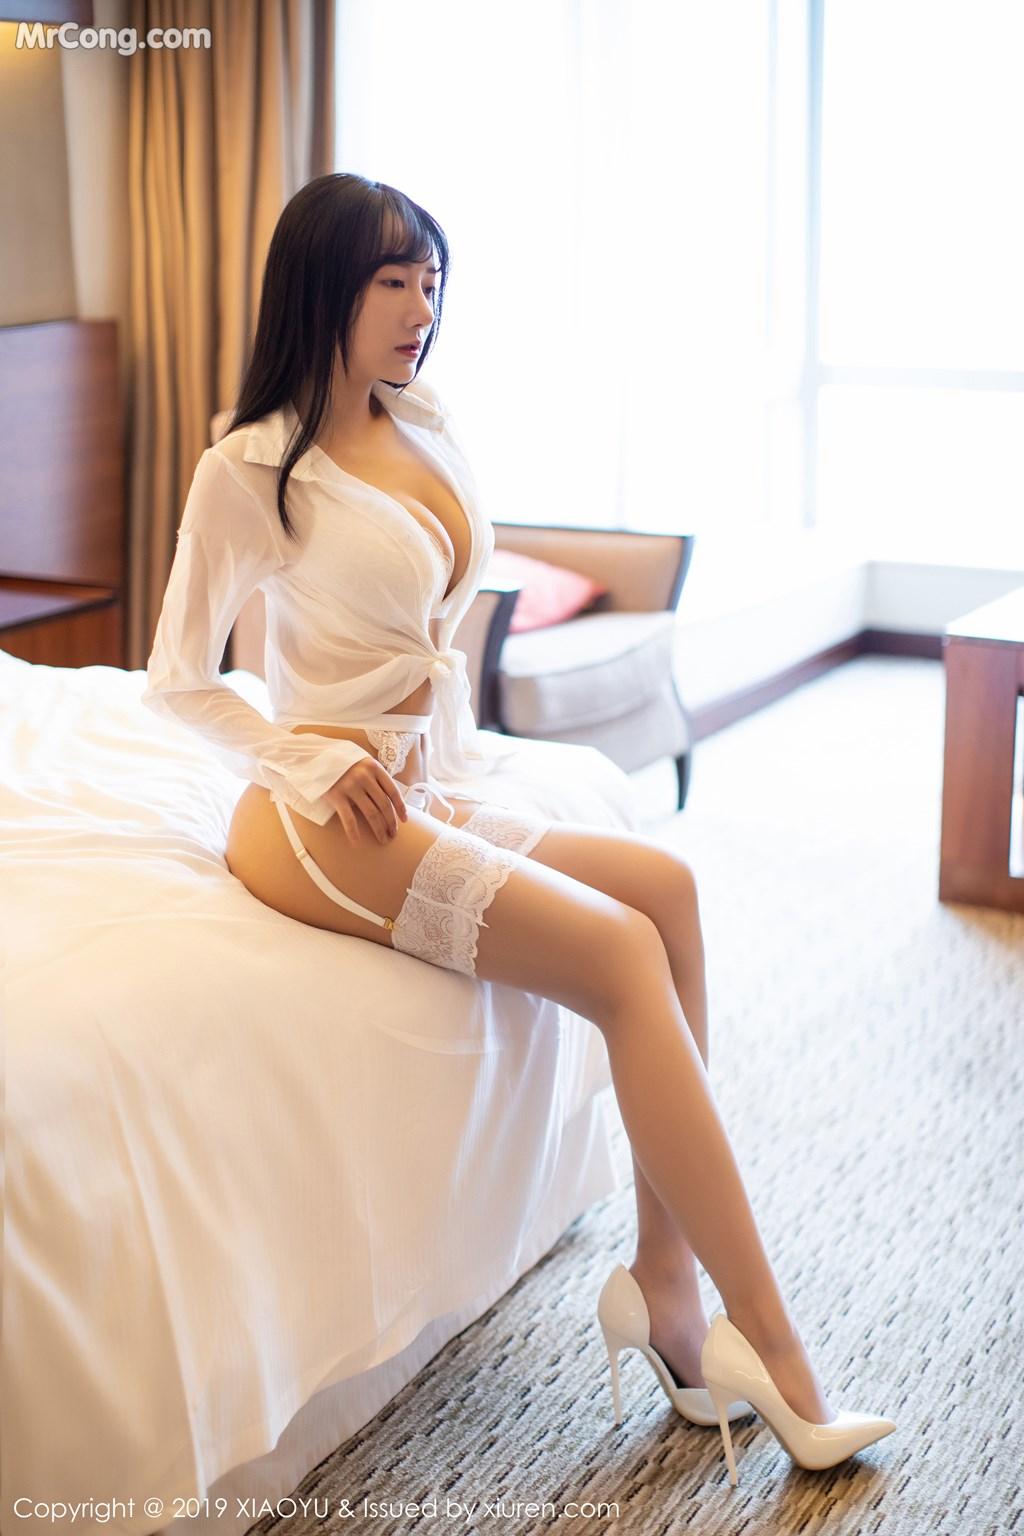 Image XiaoYu-Vol.076-He-Jia-Ying-MrCong.com-007 in post XiaoYu Vol.076: He Jia Ying (何嘉颖) (72 ảnh)